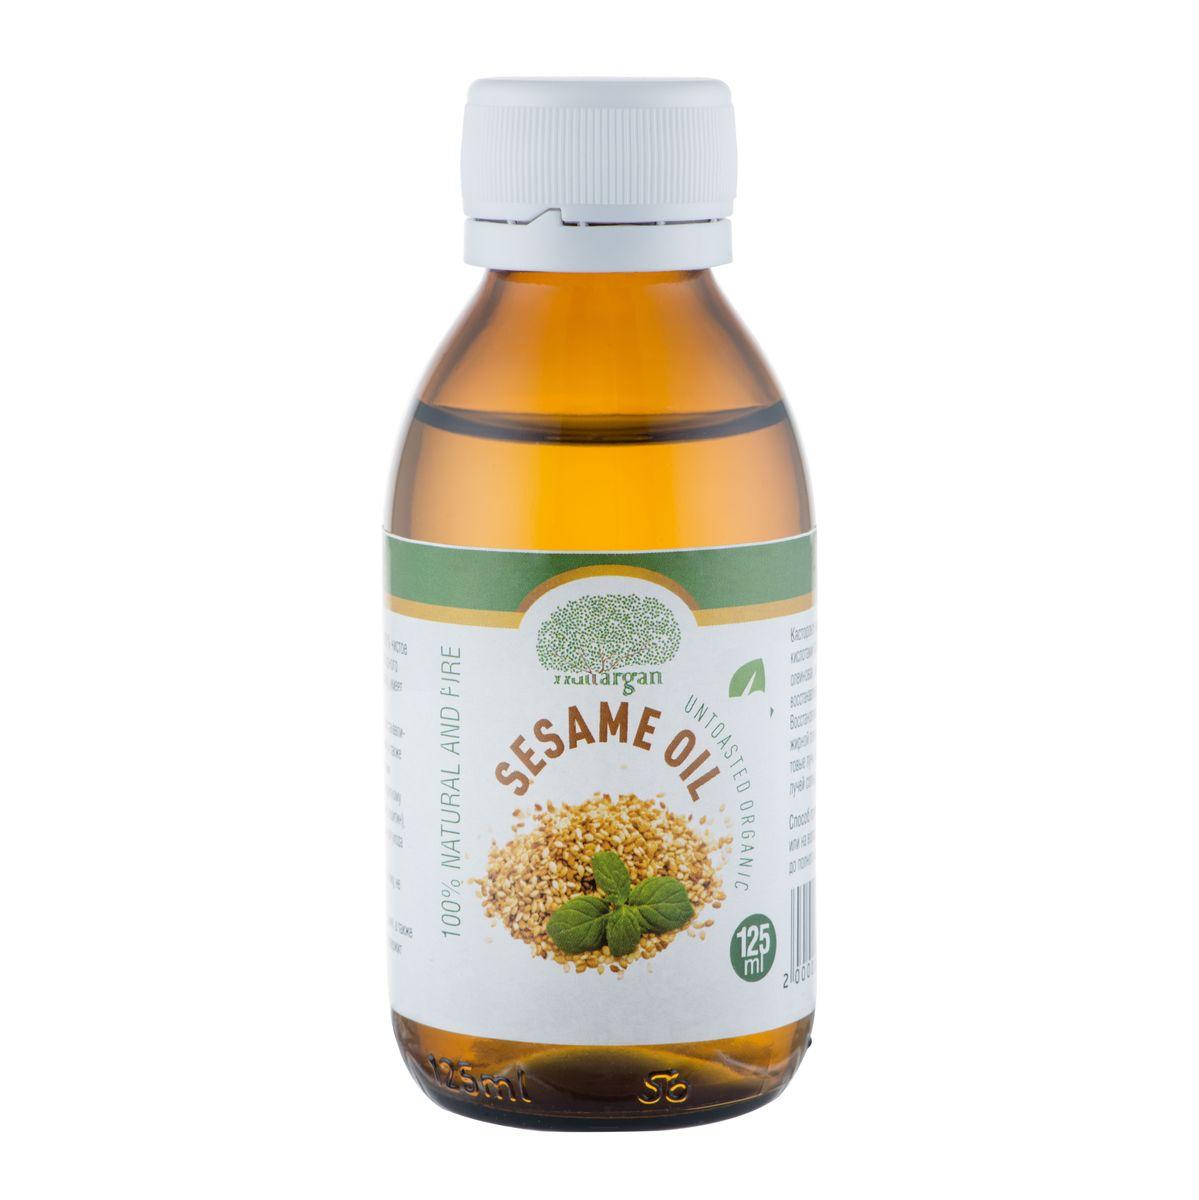 Huilargan Кунжутное масло, 100% натуральное, 125 мл2000000008714Масло кунжута (Sesame oil)- 100% чистое и натуральное масло, первого холодного отжима, без химической обработки. Кунжутное масло известно своими восстанавливающими и смягчающими свойствами, и также обладает антиоксидантными свойствами благодаря своему богатому антиоксидантному составу (витамин Е, селен, сезамолин, лецитин), что делает его идеальным средством для ухода за зрелой кожи. Масло кунжута быстро впитывается в кожу, не оставляя жирной пленки. Содержит магний, железо, фосфор, цинк, а также большое количество кальция, так же содержит витамины D, A, B1 – B3, C. Оно богато незаменимыми жирными кислотами (арахиновая, линолевая, олеиновая, пальмитиновая и стеариновая), восстанавливает и смягчает ткани кожи. Восстановливает и питает кожу, не оставляя жирной пленки. Поглощает ультрафиолетовые лучи, он используется для защиты от лучей солнца.